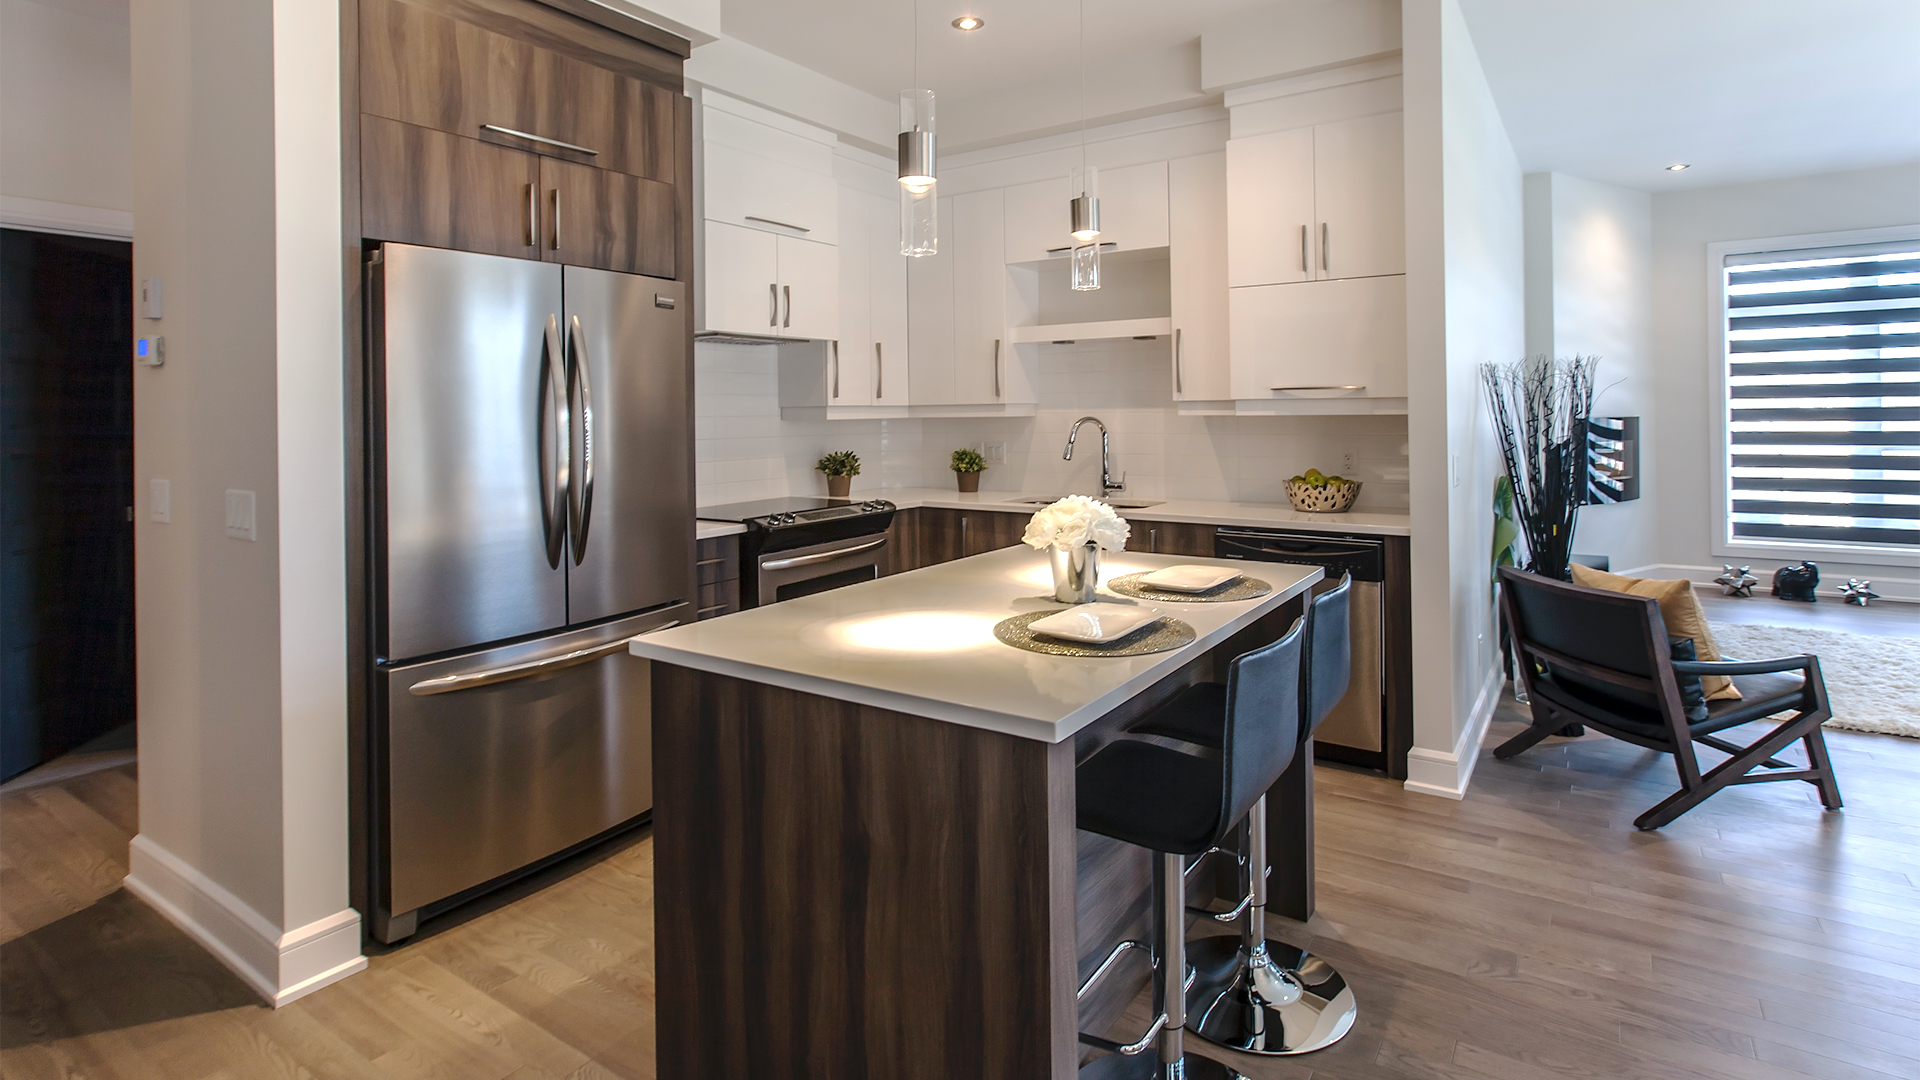 Condominiums X15